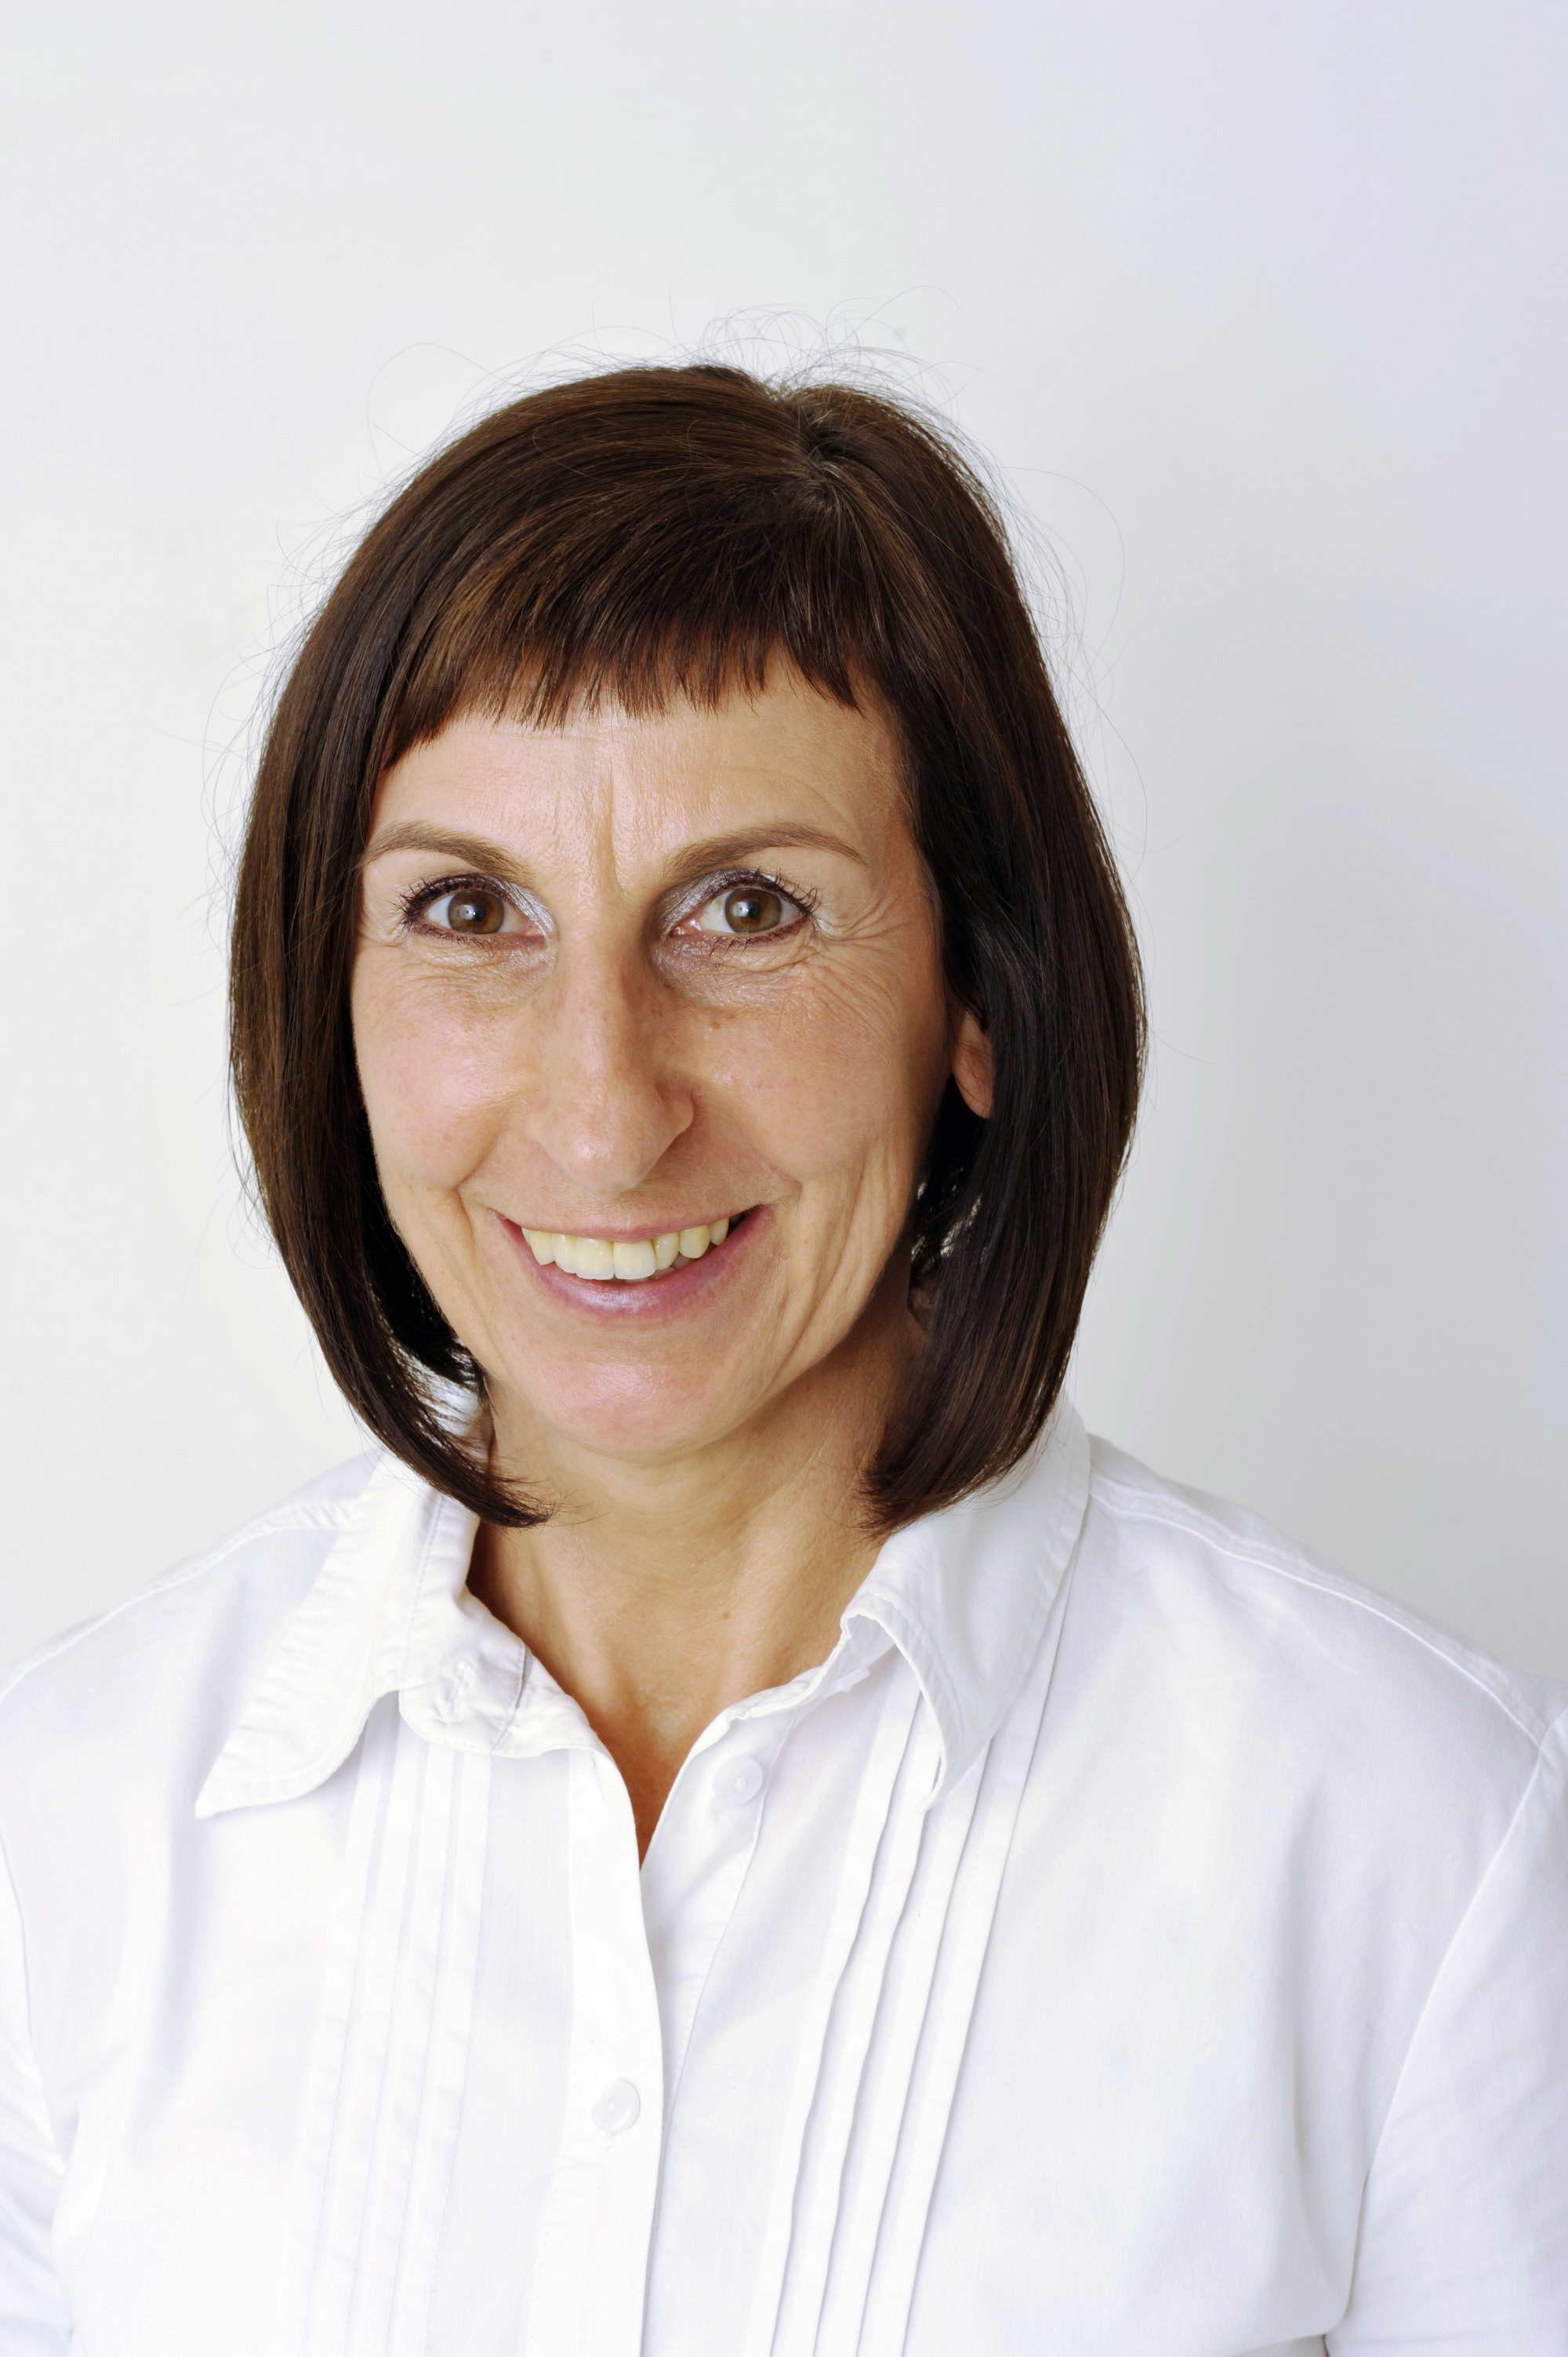 Sonja Peil